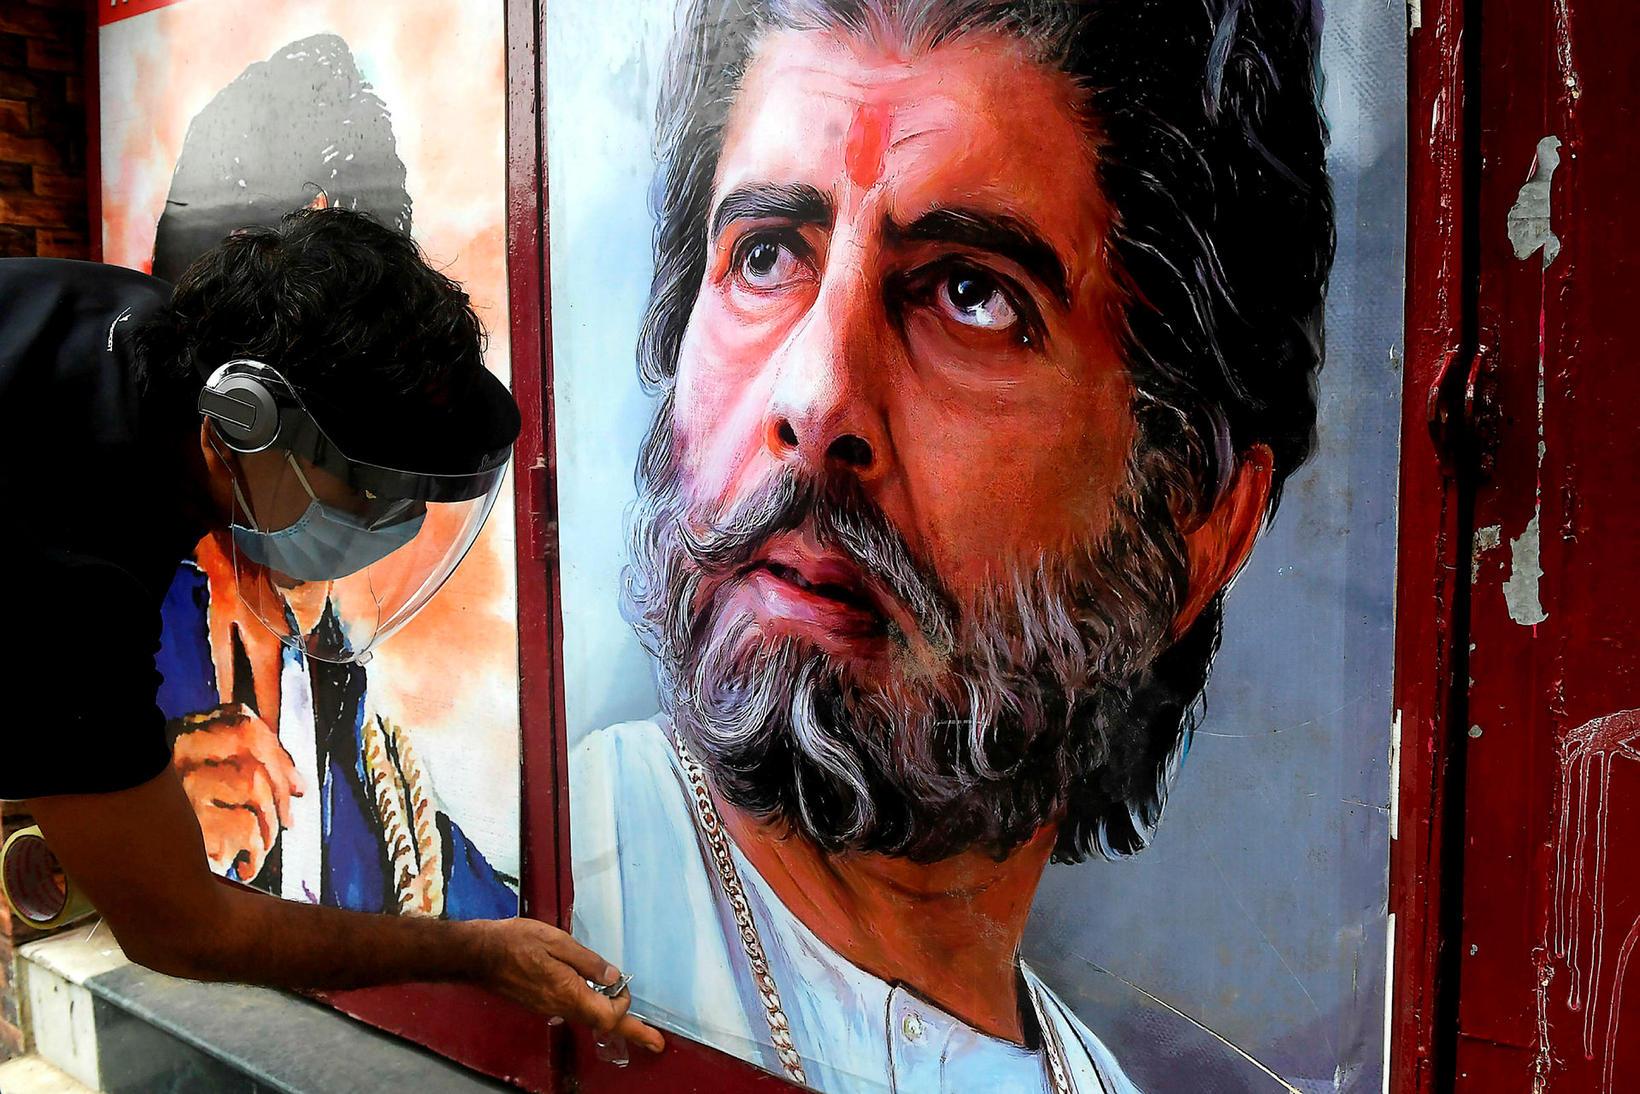 Veggspjald af Amitabh Bachchan en hann hefur verið ein skærasta …